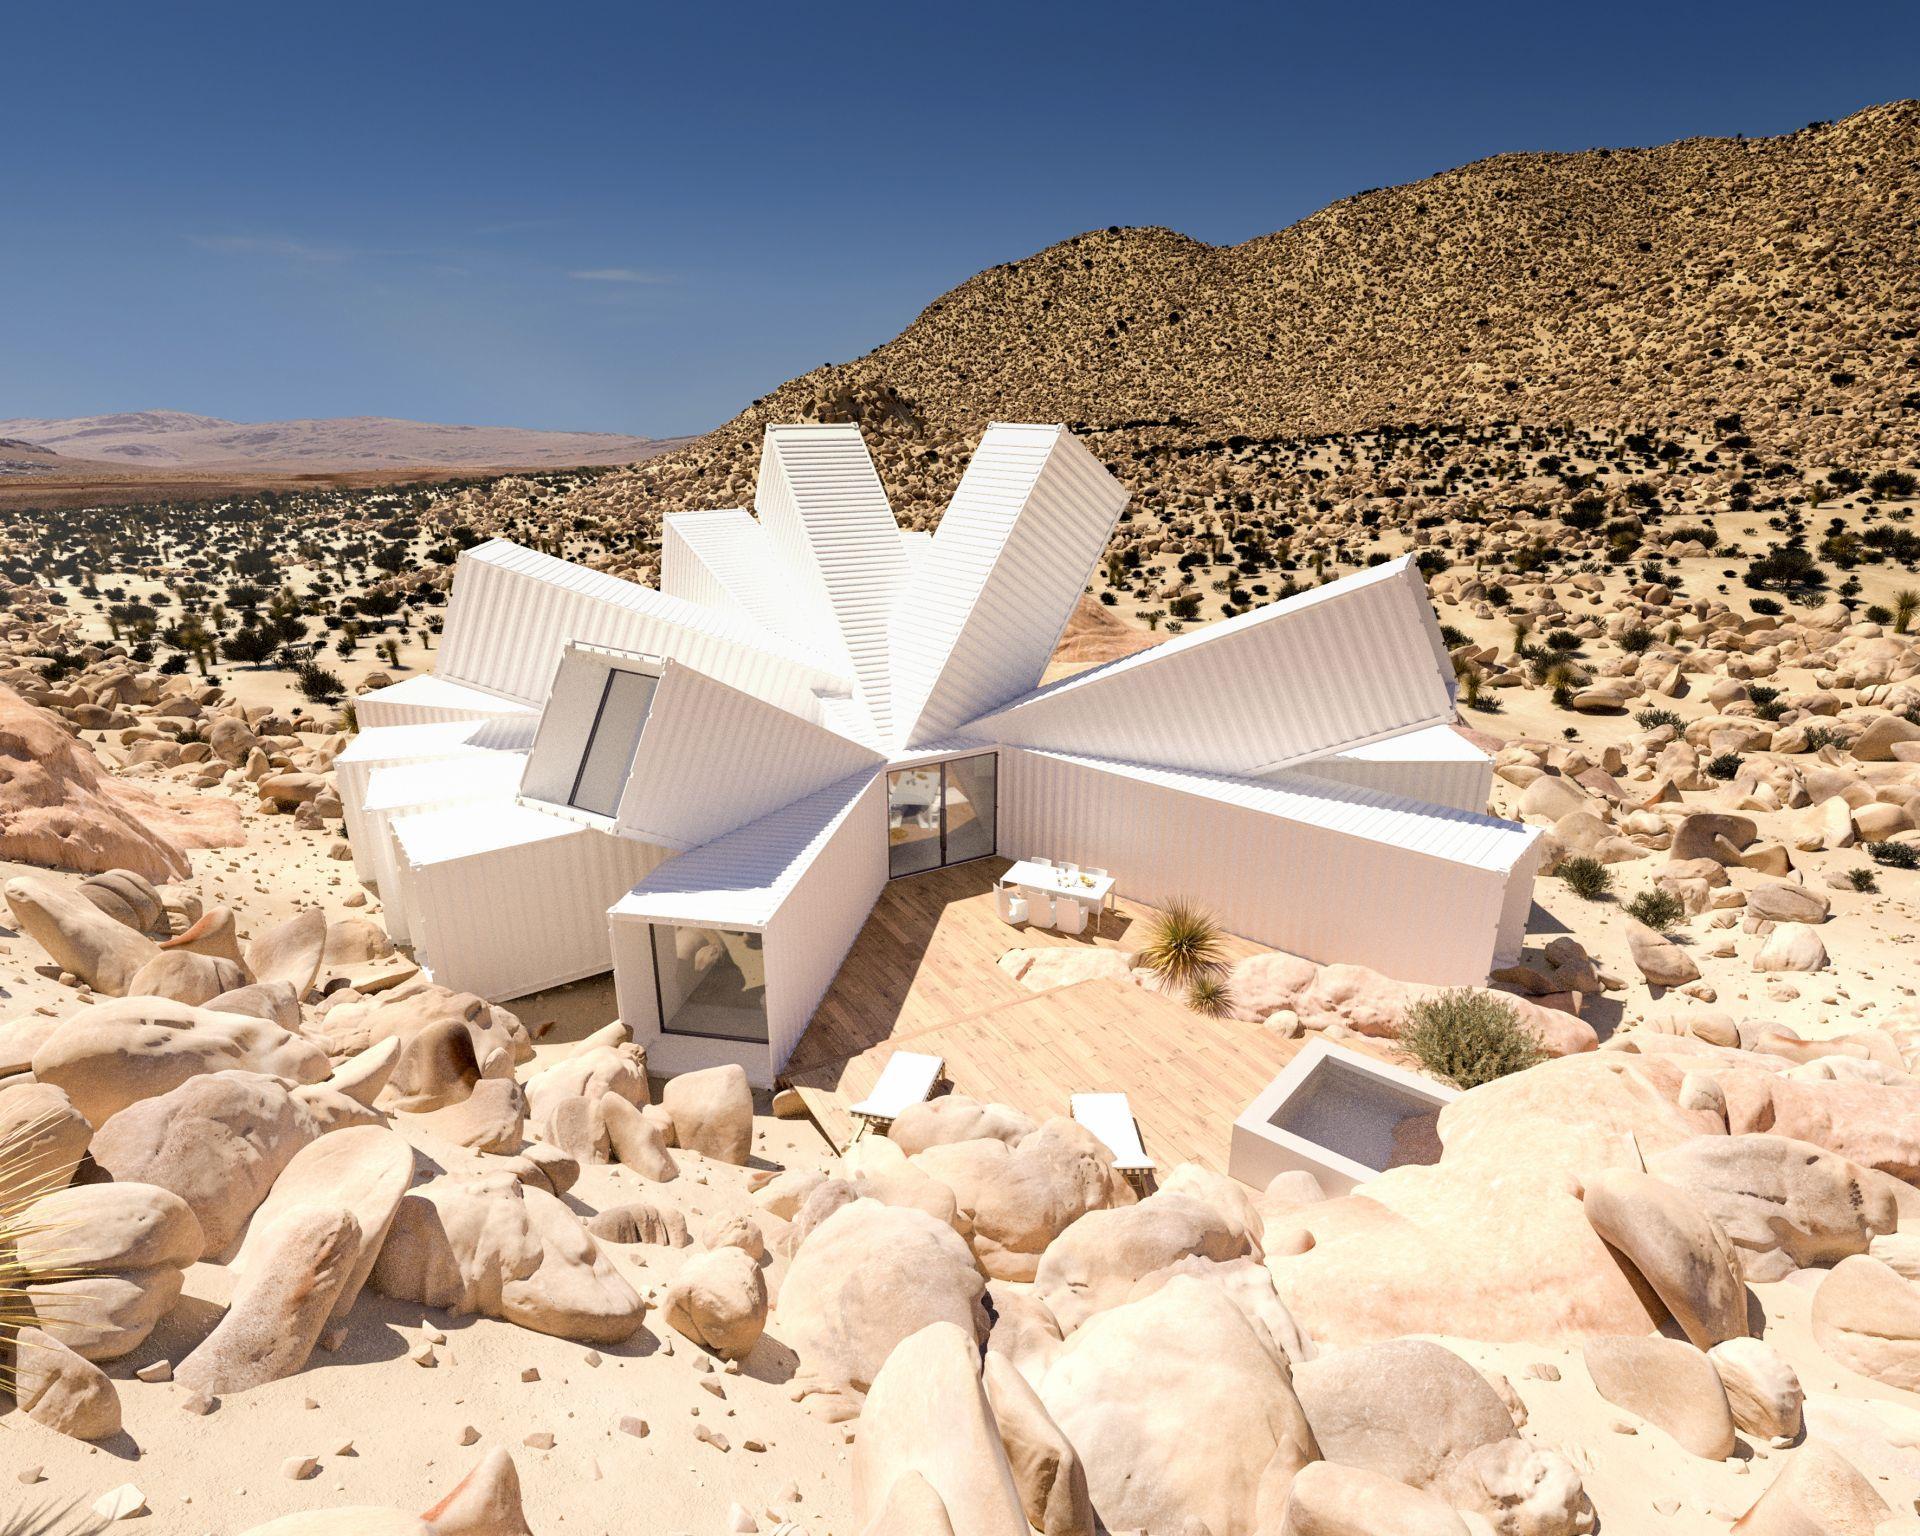 Imagen digital de cómo quedará la casa que se comienza a construir el próximo año en el desierto de California.